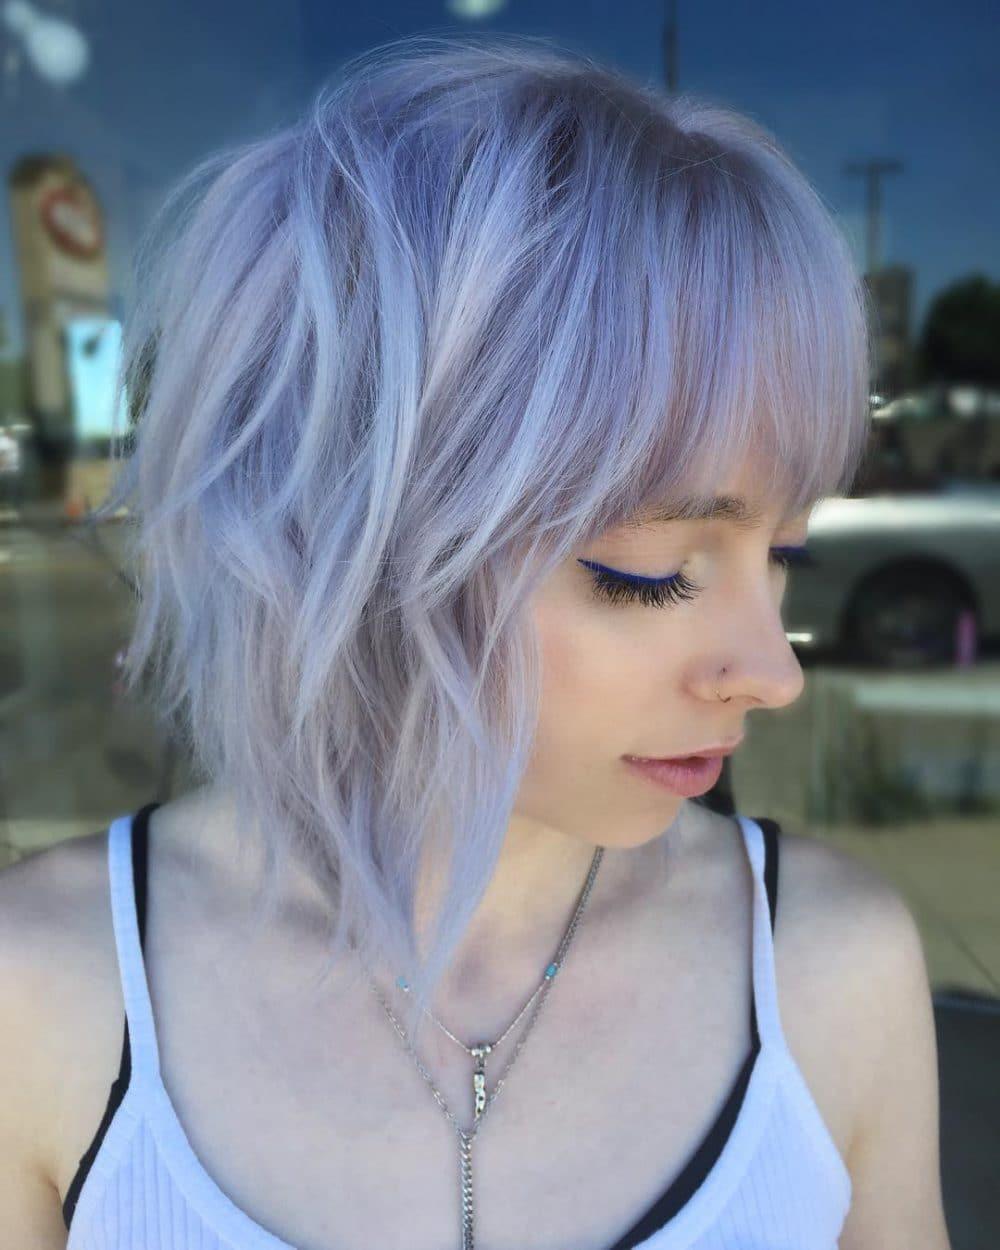 Une coupe courte ébouriffée de cheveux violets.